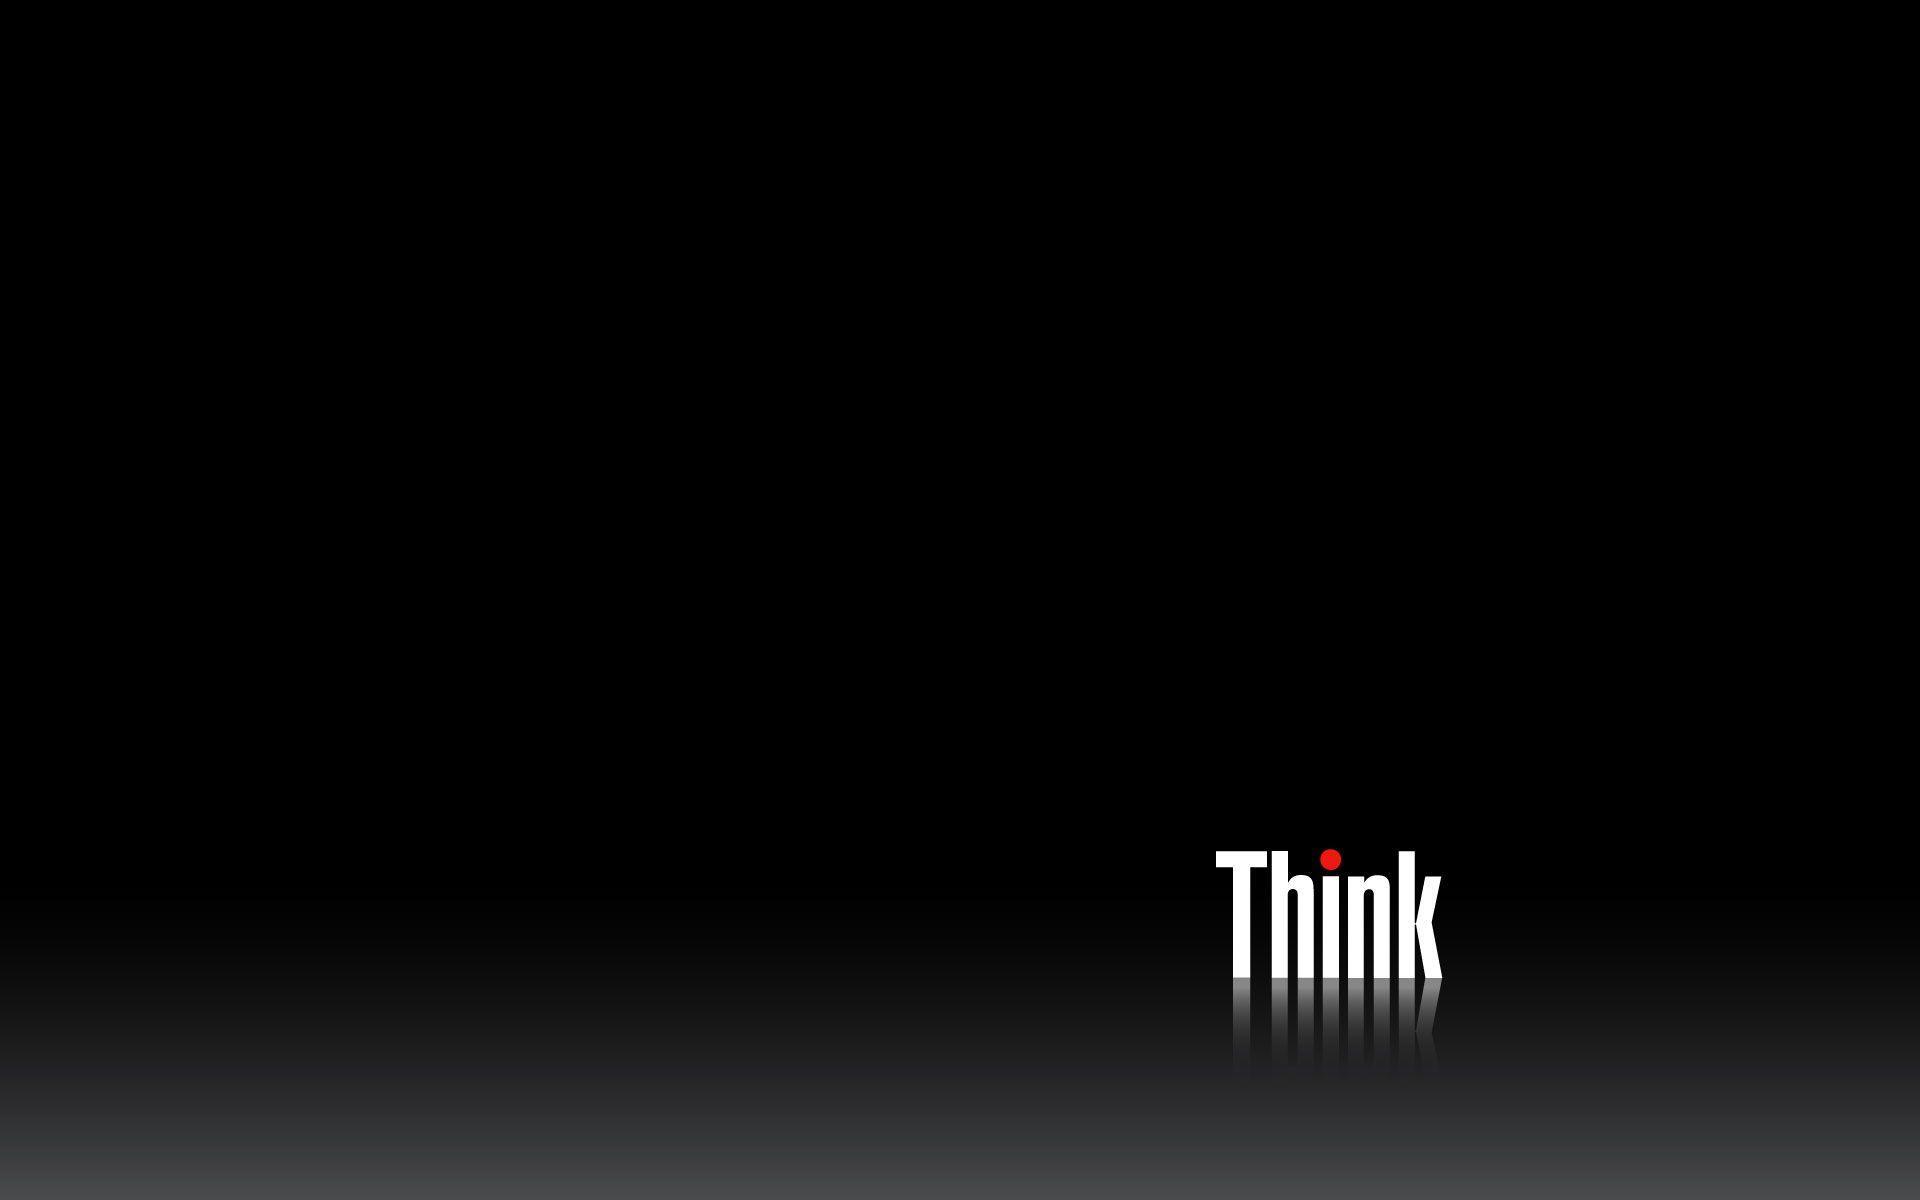 Lenovo Thinkpad Wallpapers Top Free Lenovo Thinkpad